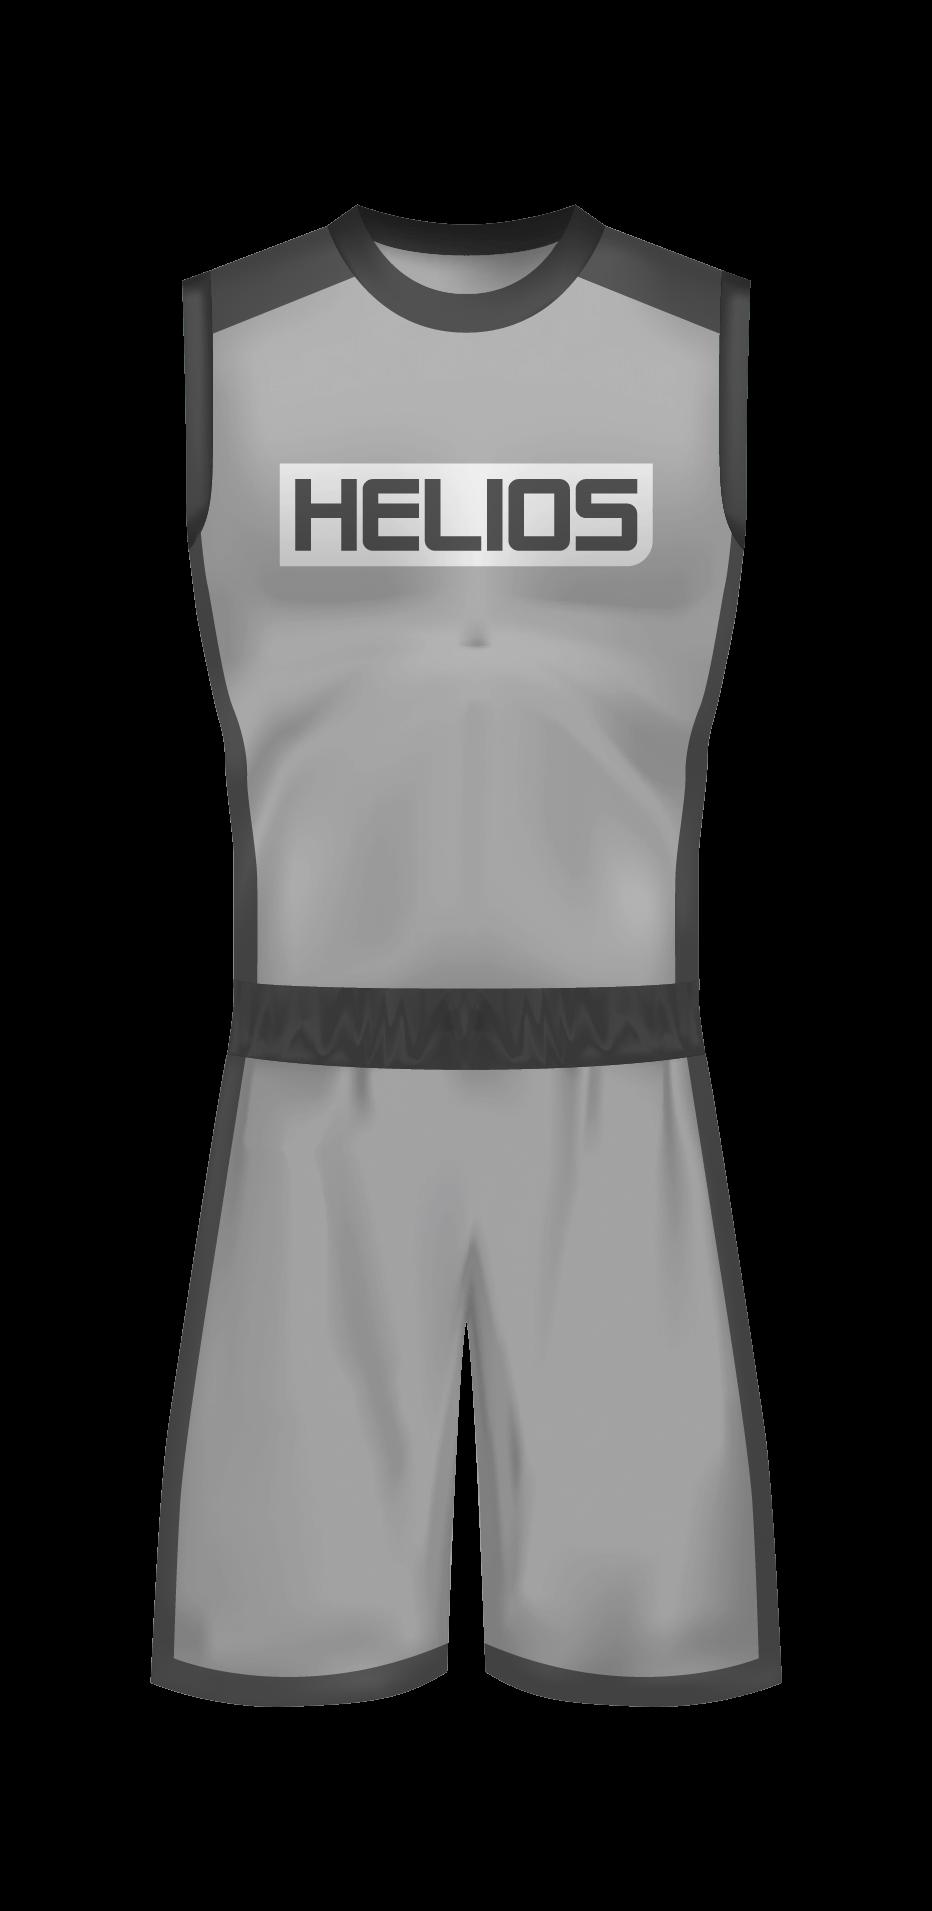 籃球波衫服裝參考